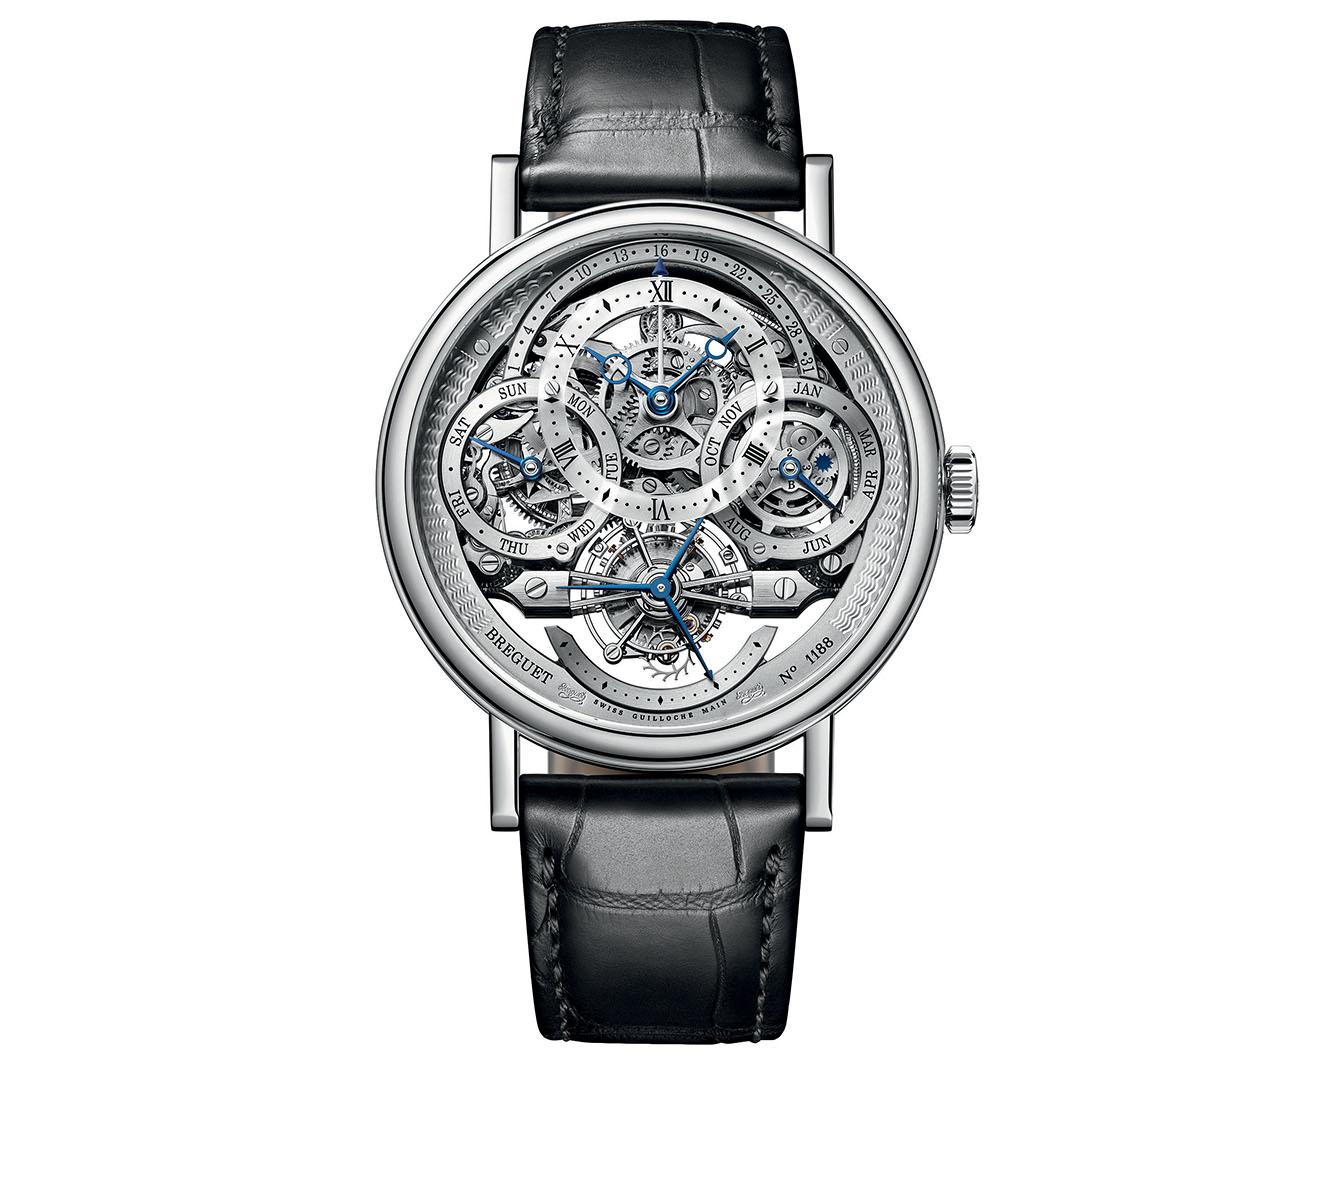 Breguet classique часов стоимость корпуса часов продам